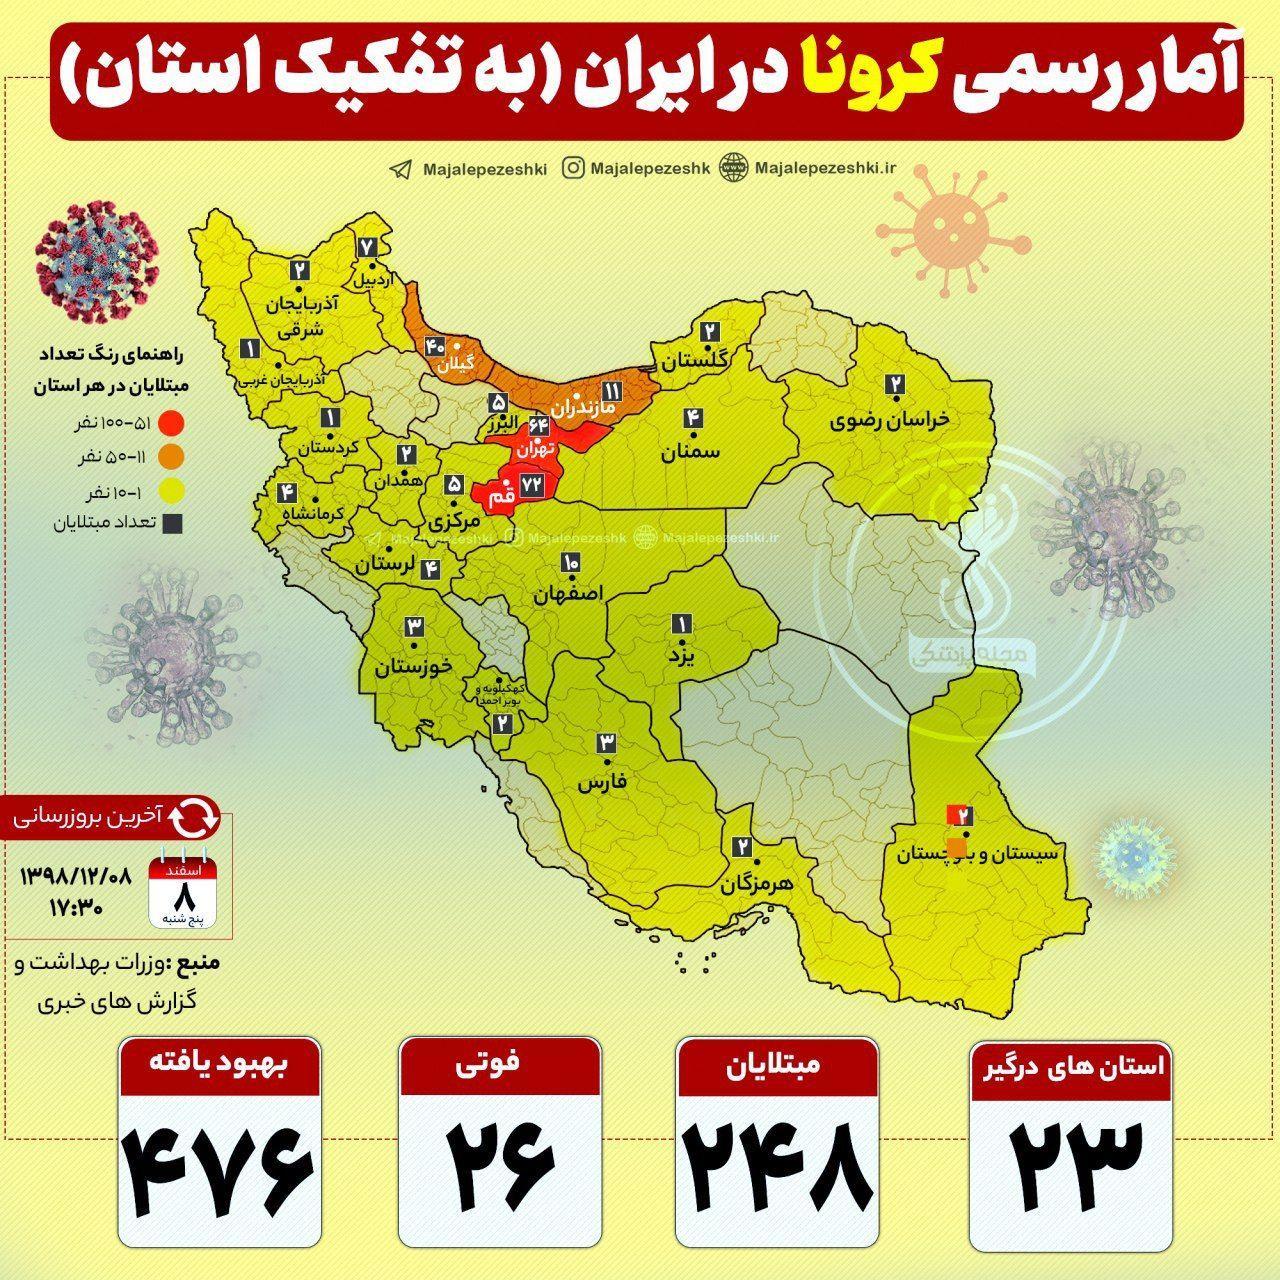 آچمز شدن نارسانهها از شفافیت ایران در خصوص آمارهای کرونا